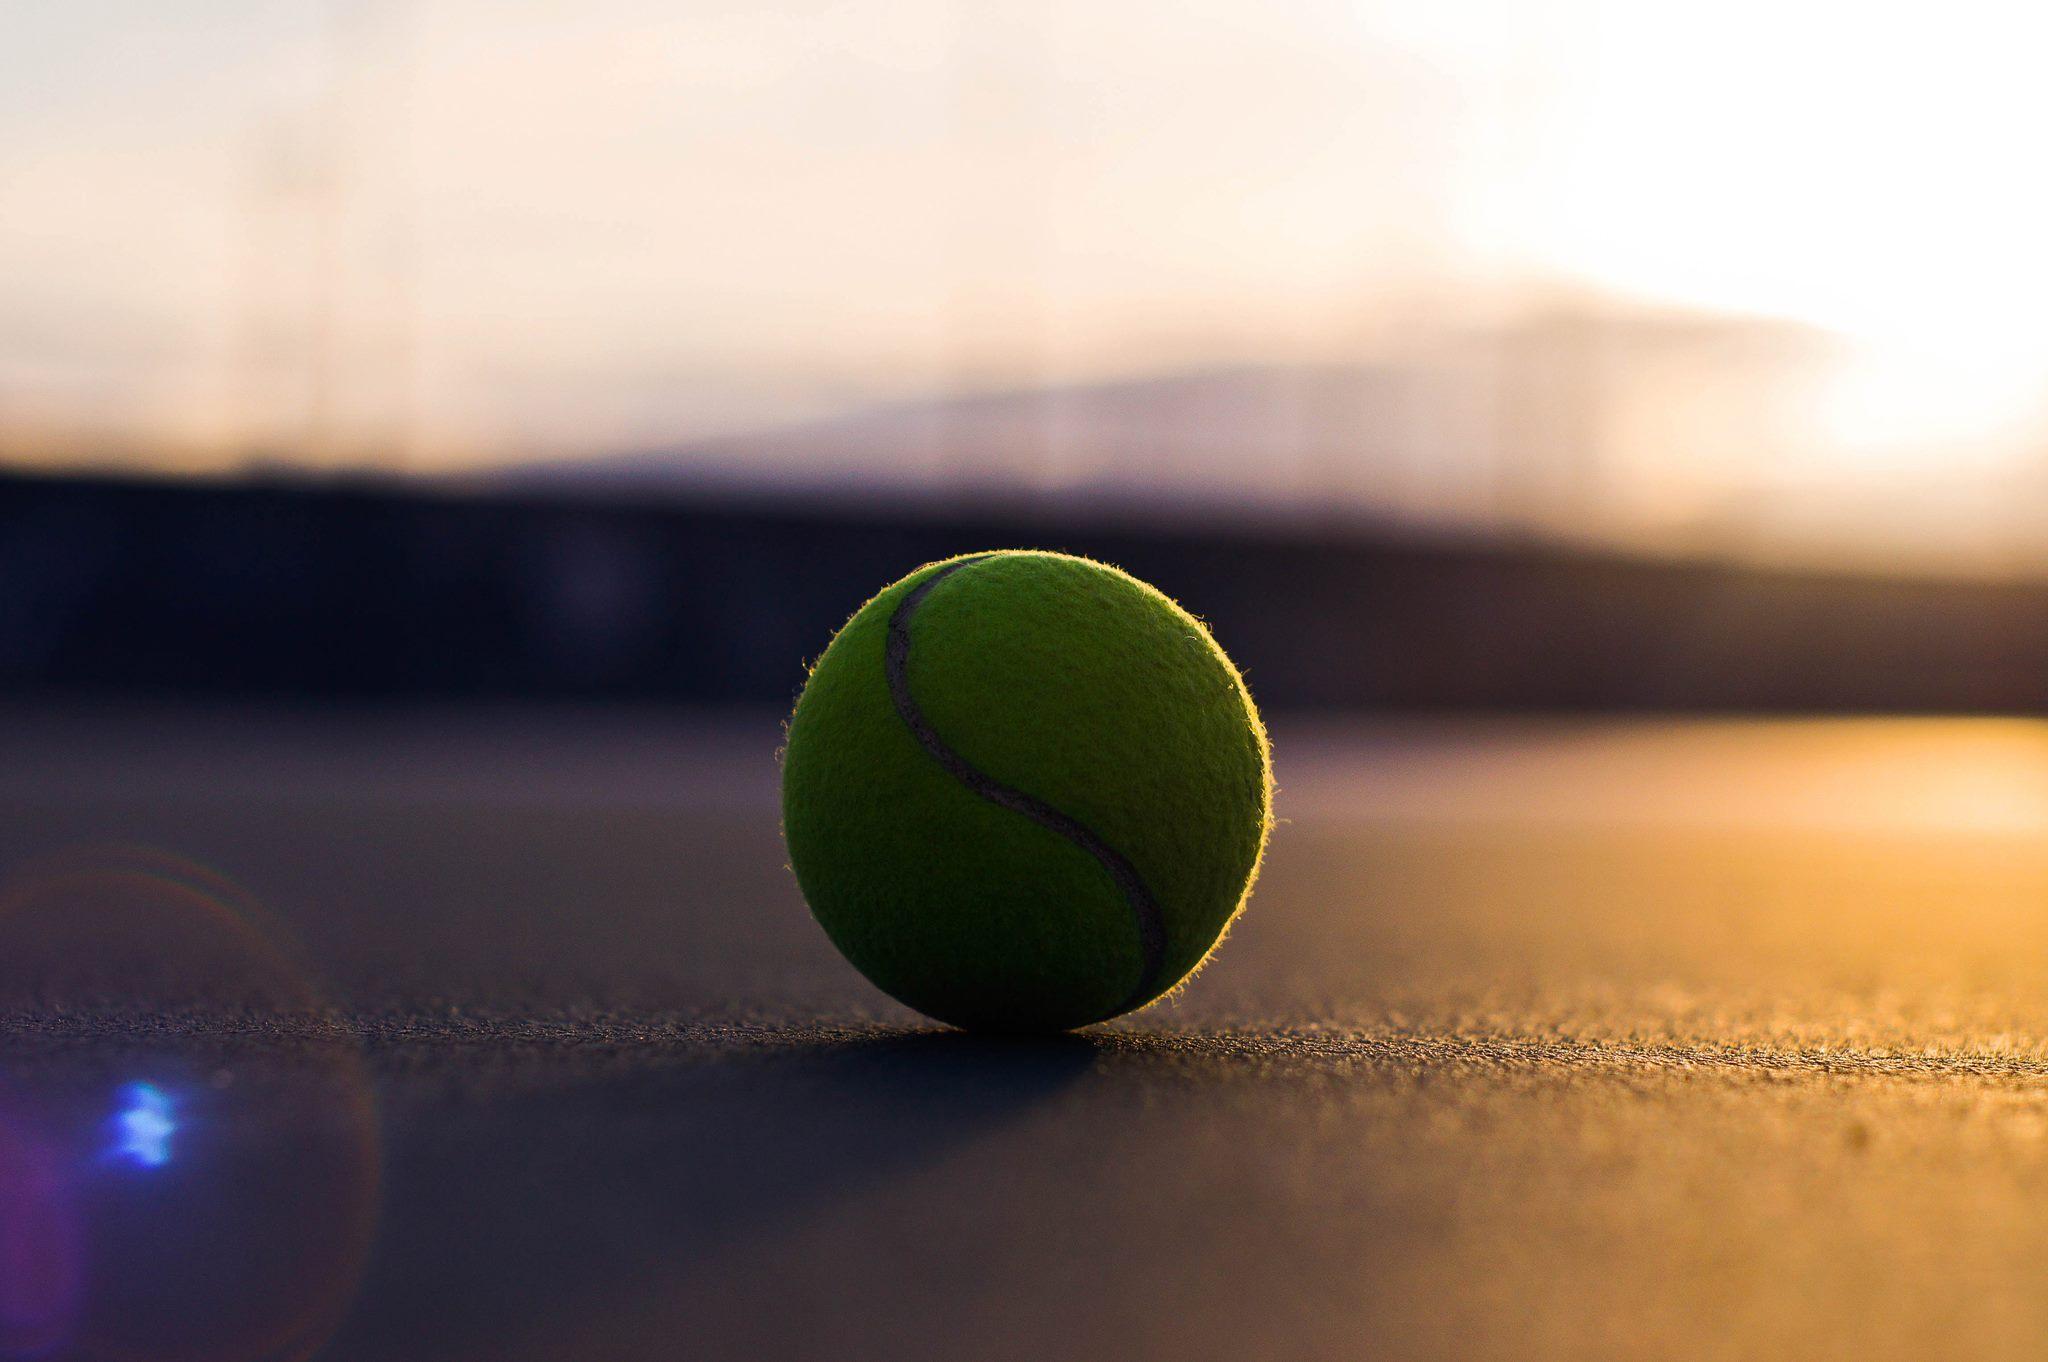 Roland-Garros : Les favoris, les outsiders, les français, l'avant-tournoi